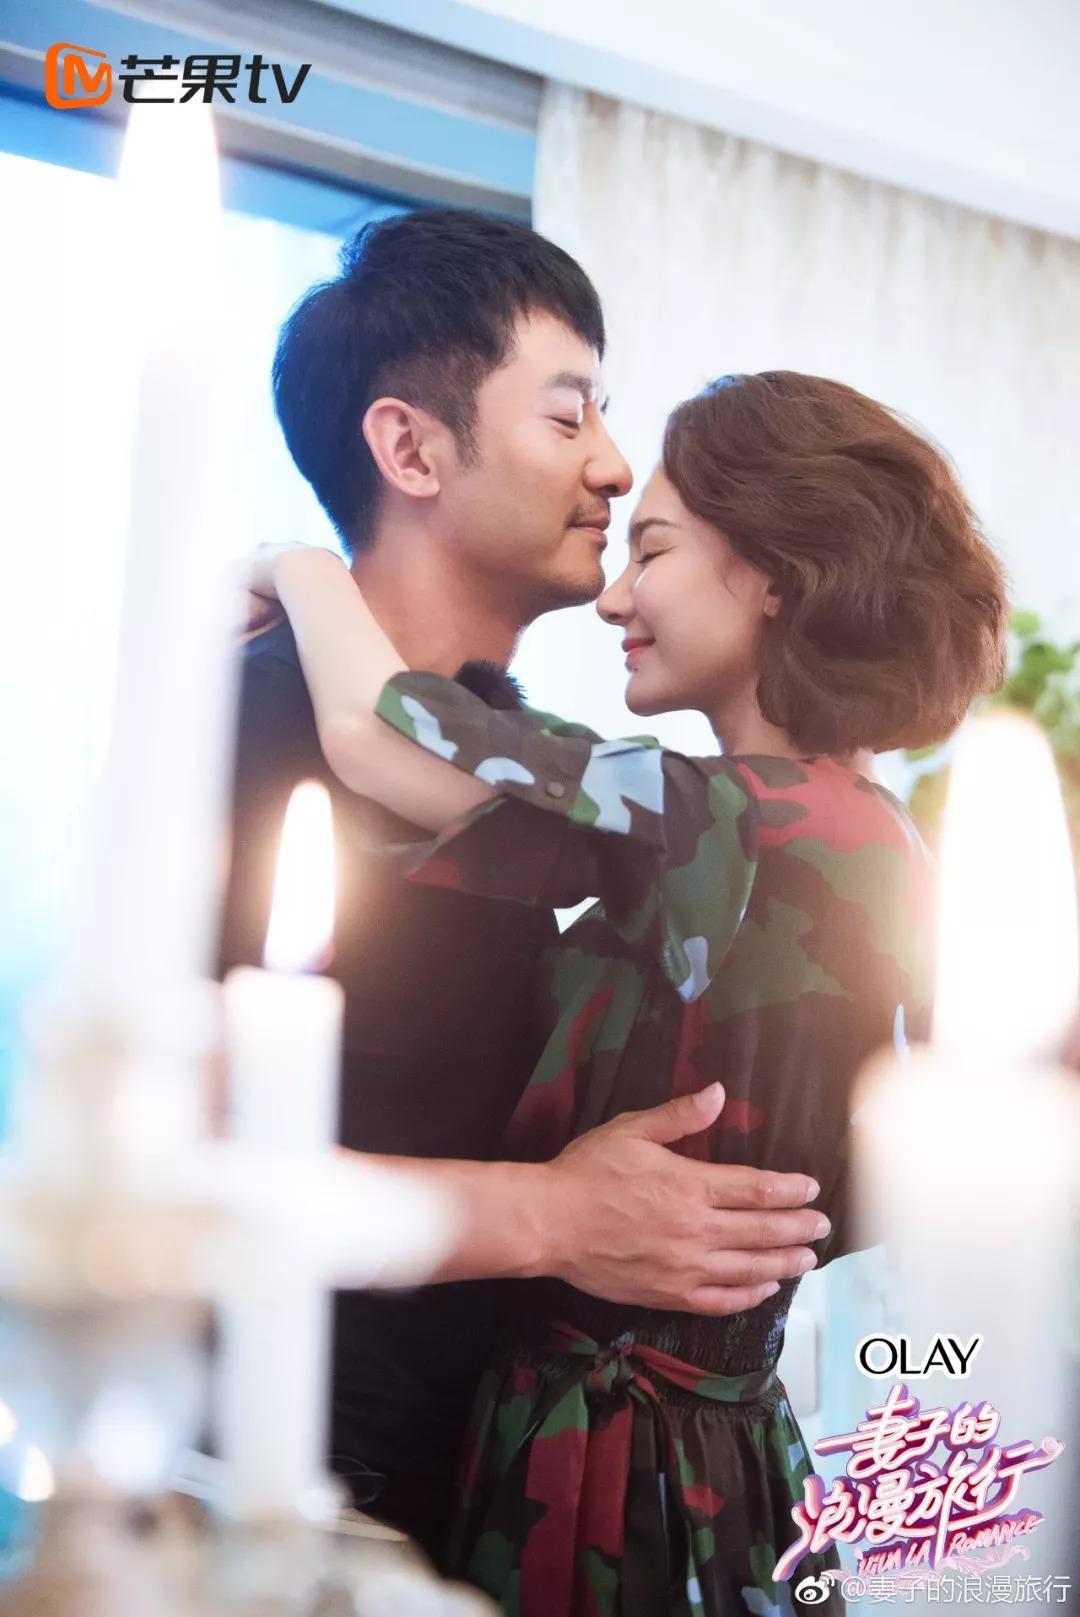 程莉莎对郭晓东是温柔总裁霸道爱,婚姻真是神奇的制度